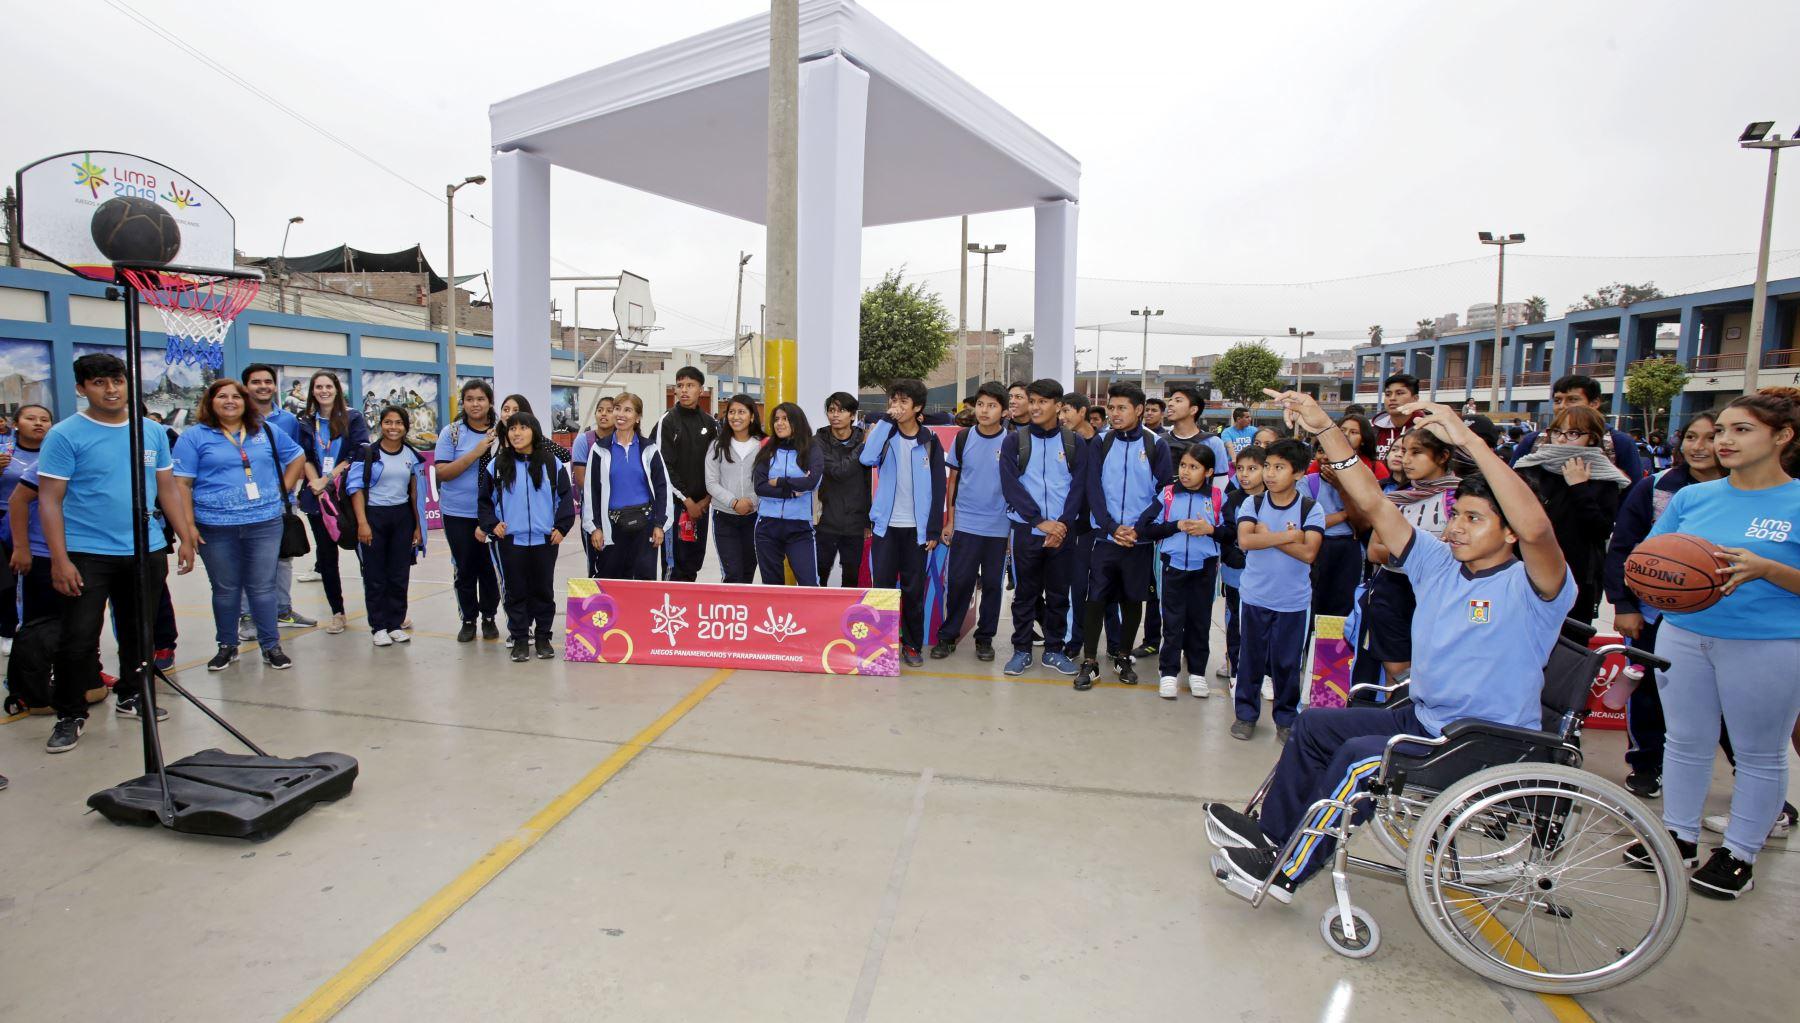 Lima 2019 celebra A 100 días de los Juegos Parapanamericanos en colegio de La Victoria. Foto: ANDINA/Lima 2019